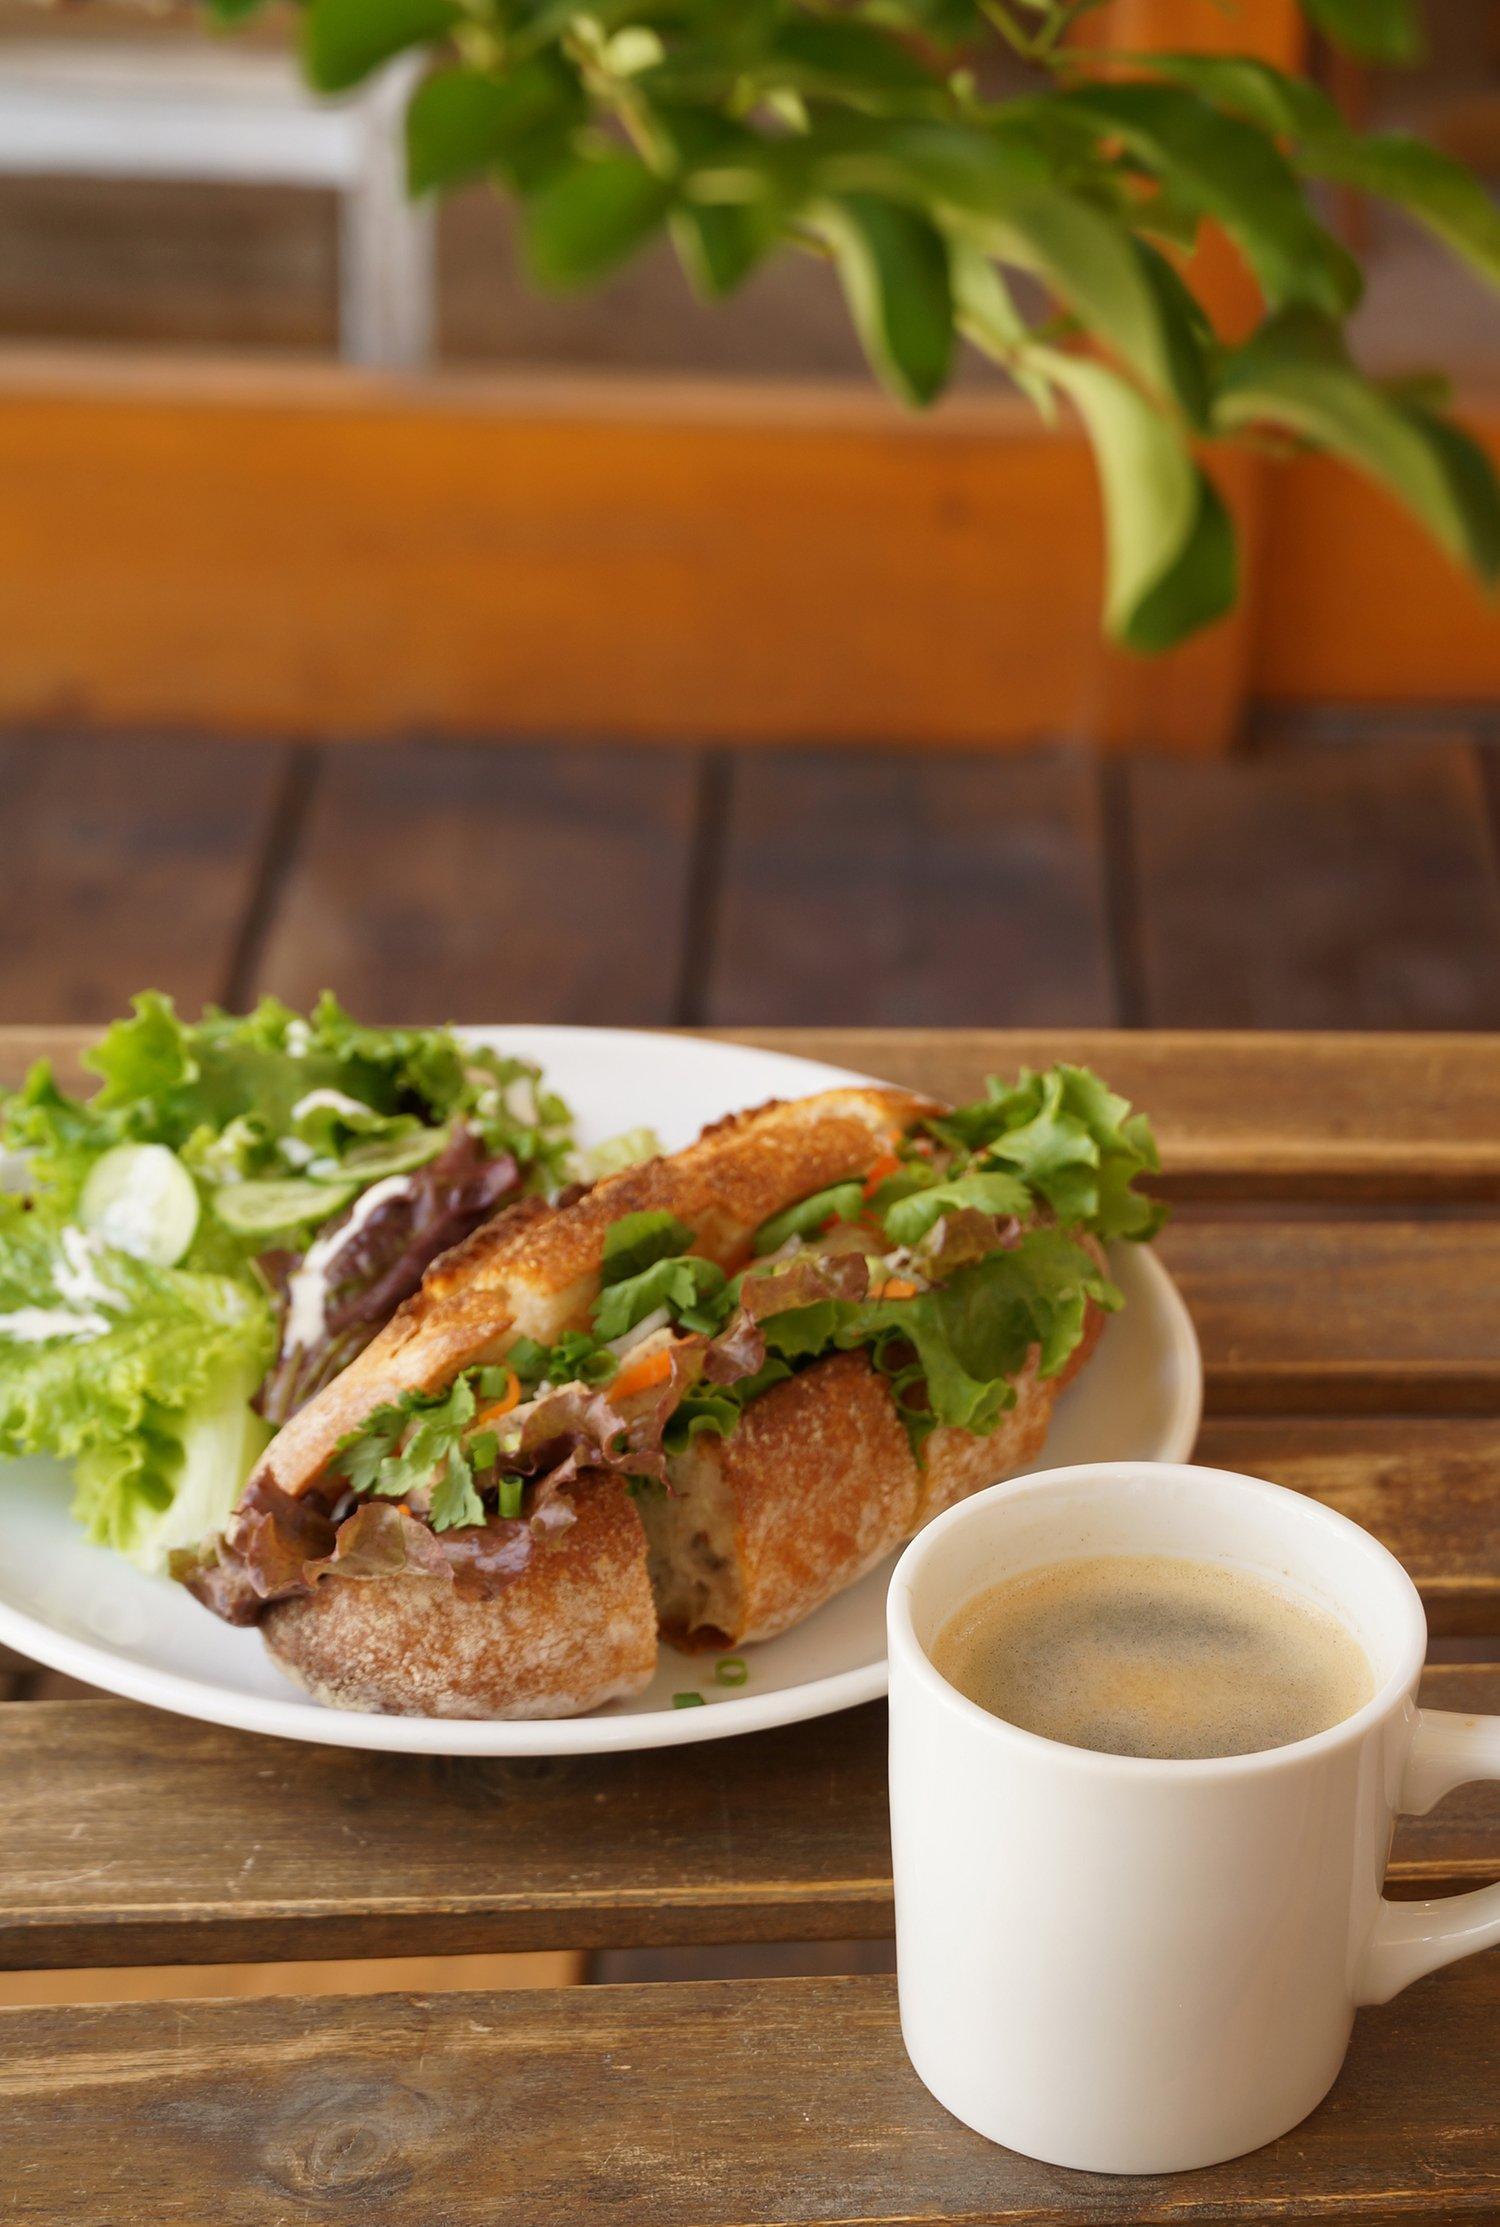 バインミーサンドイッチとコーヒーのセット900円。イートインのみのメニューだ。